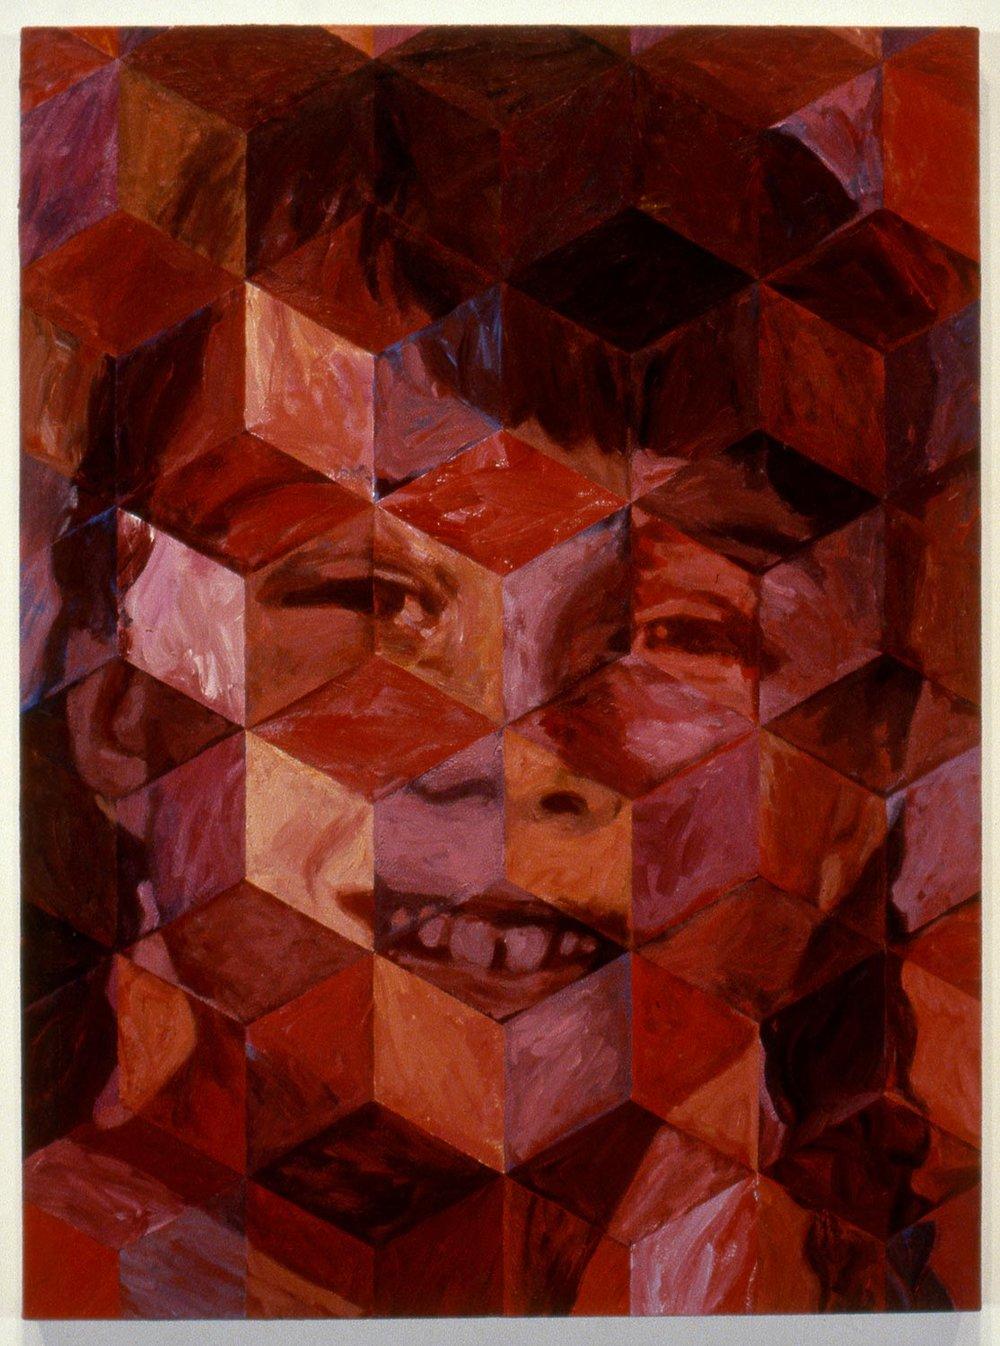 Jeune peinture (Young Painting): Monique Régimbald, 1997